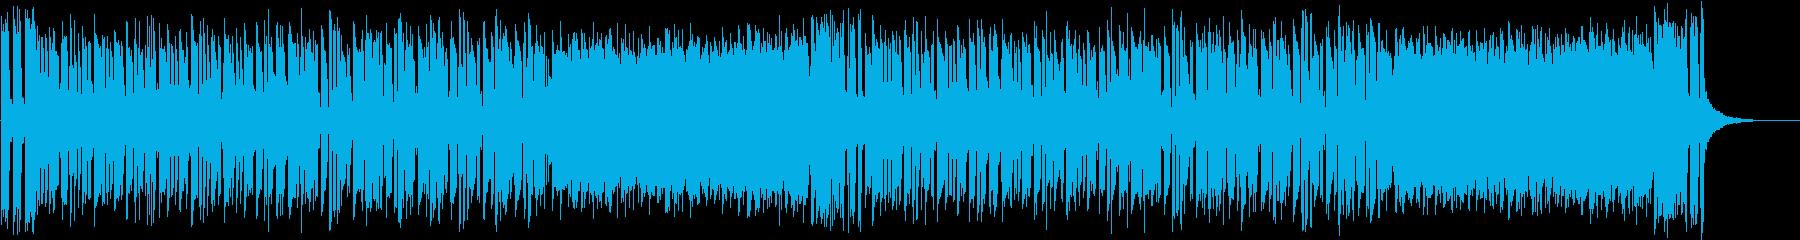 ドッキリ・ハラハラ・潜入・捜査の再生済みの波形